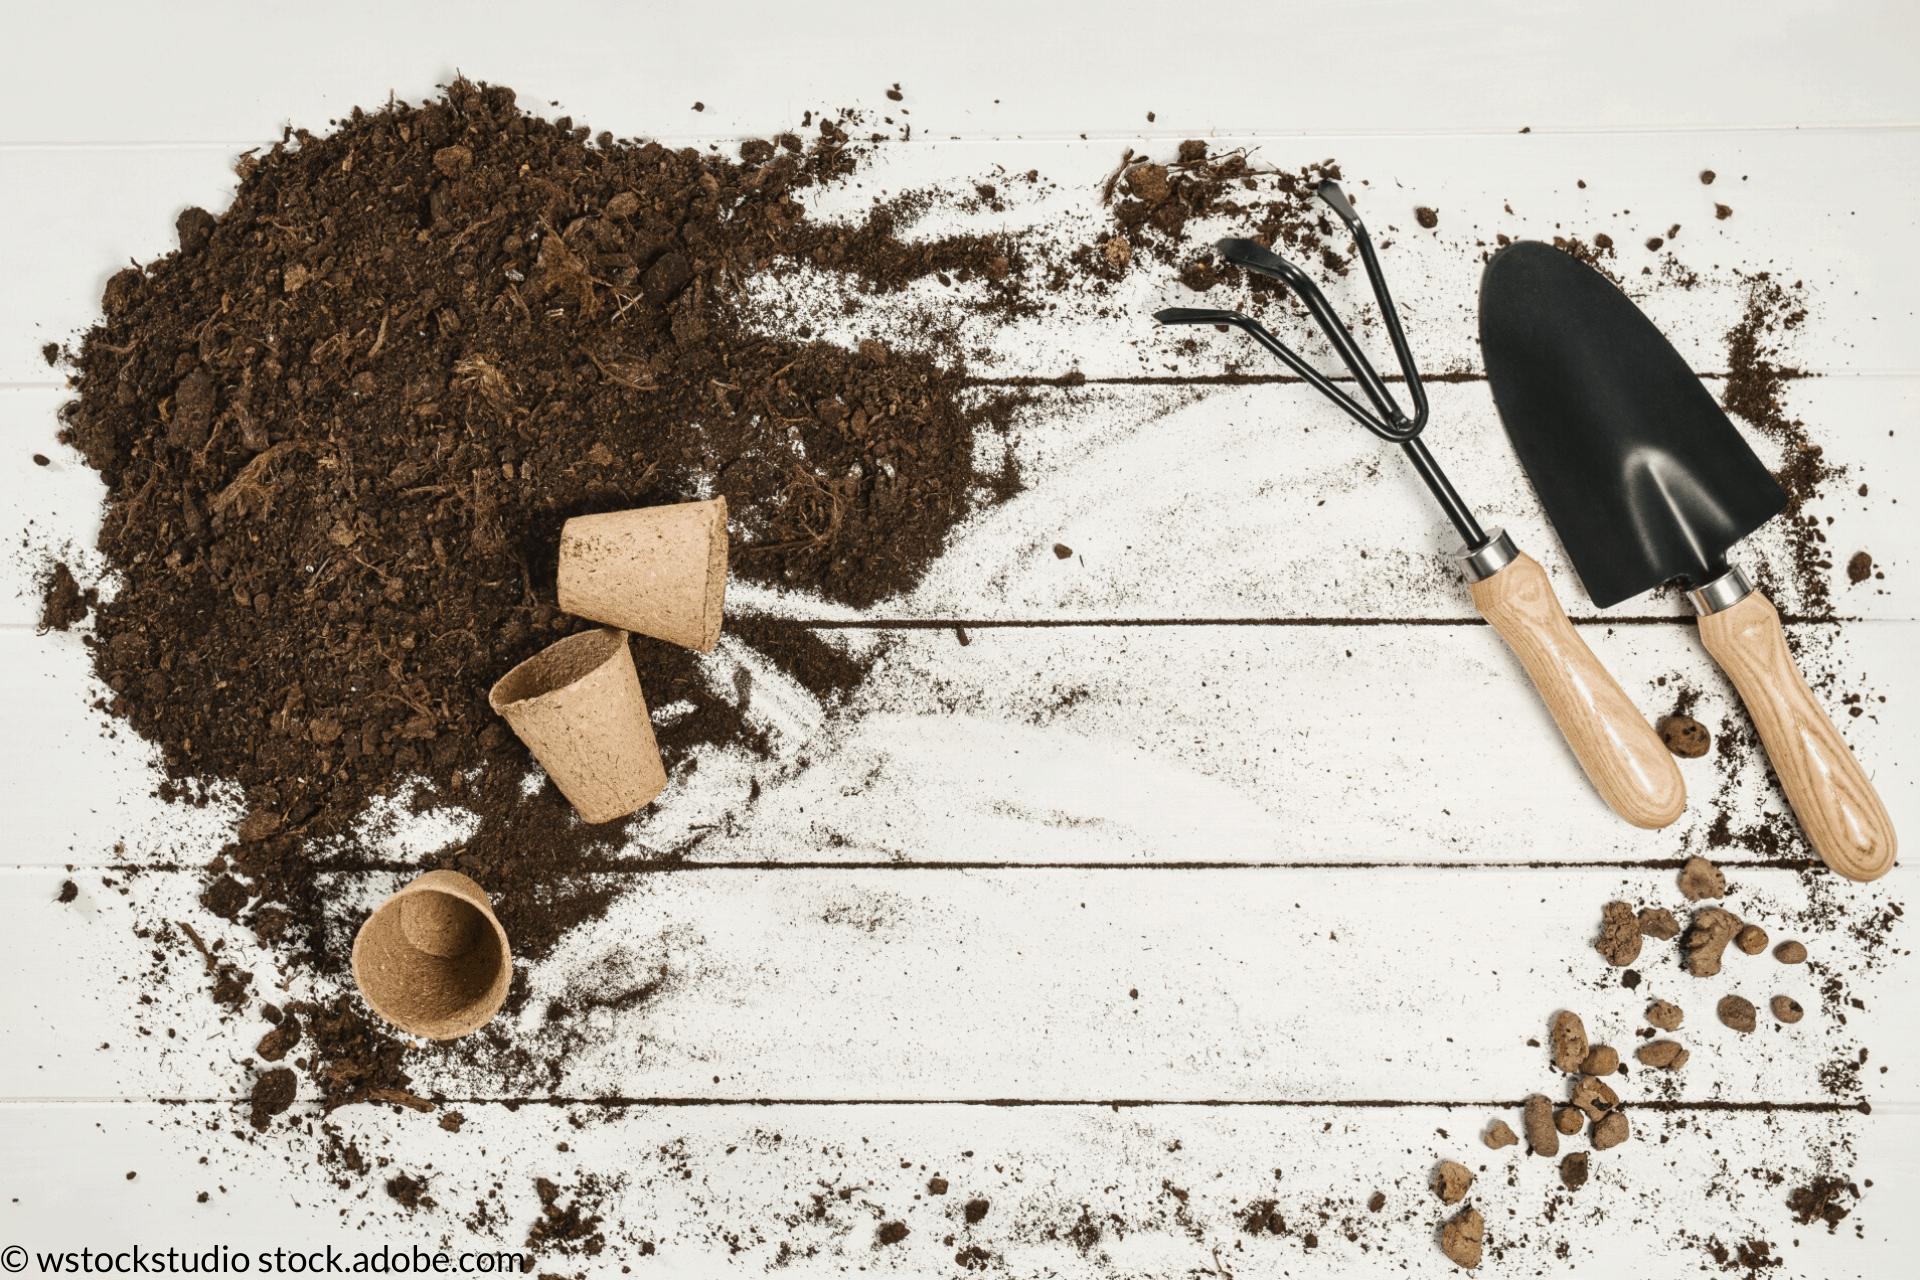 Krok 1 – Vyčistite náradie